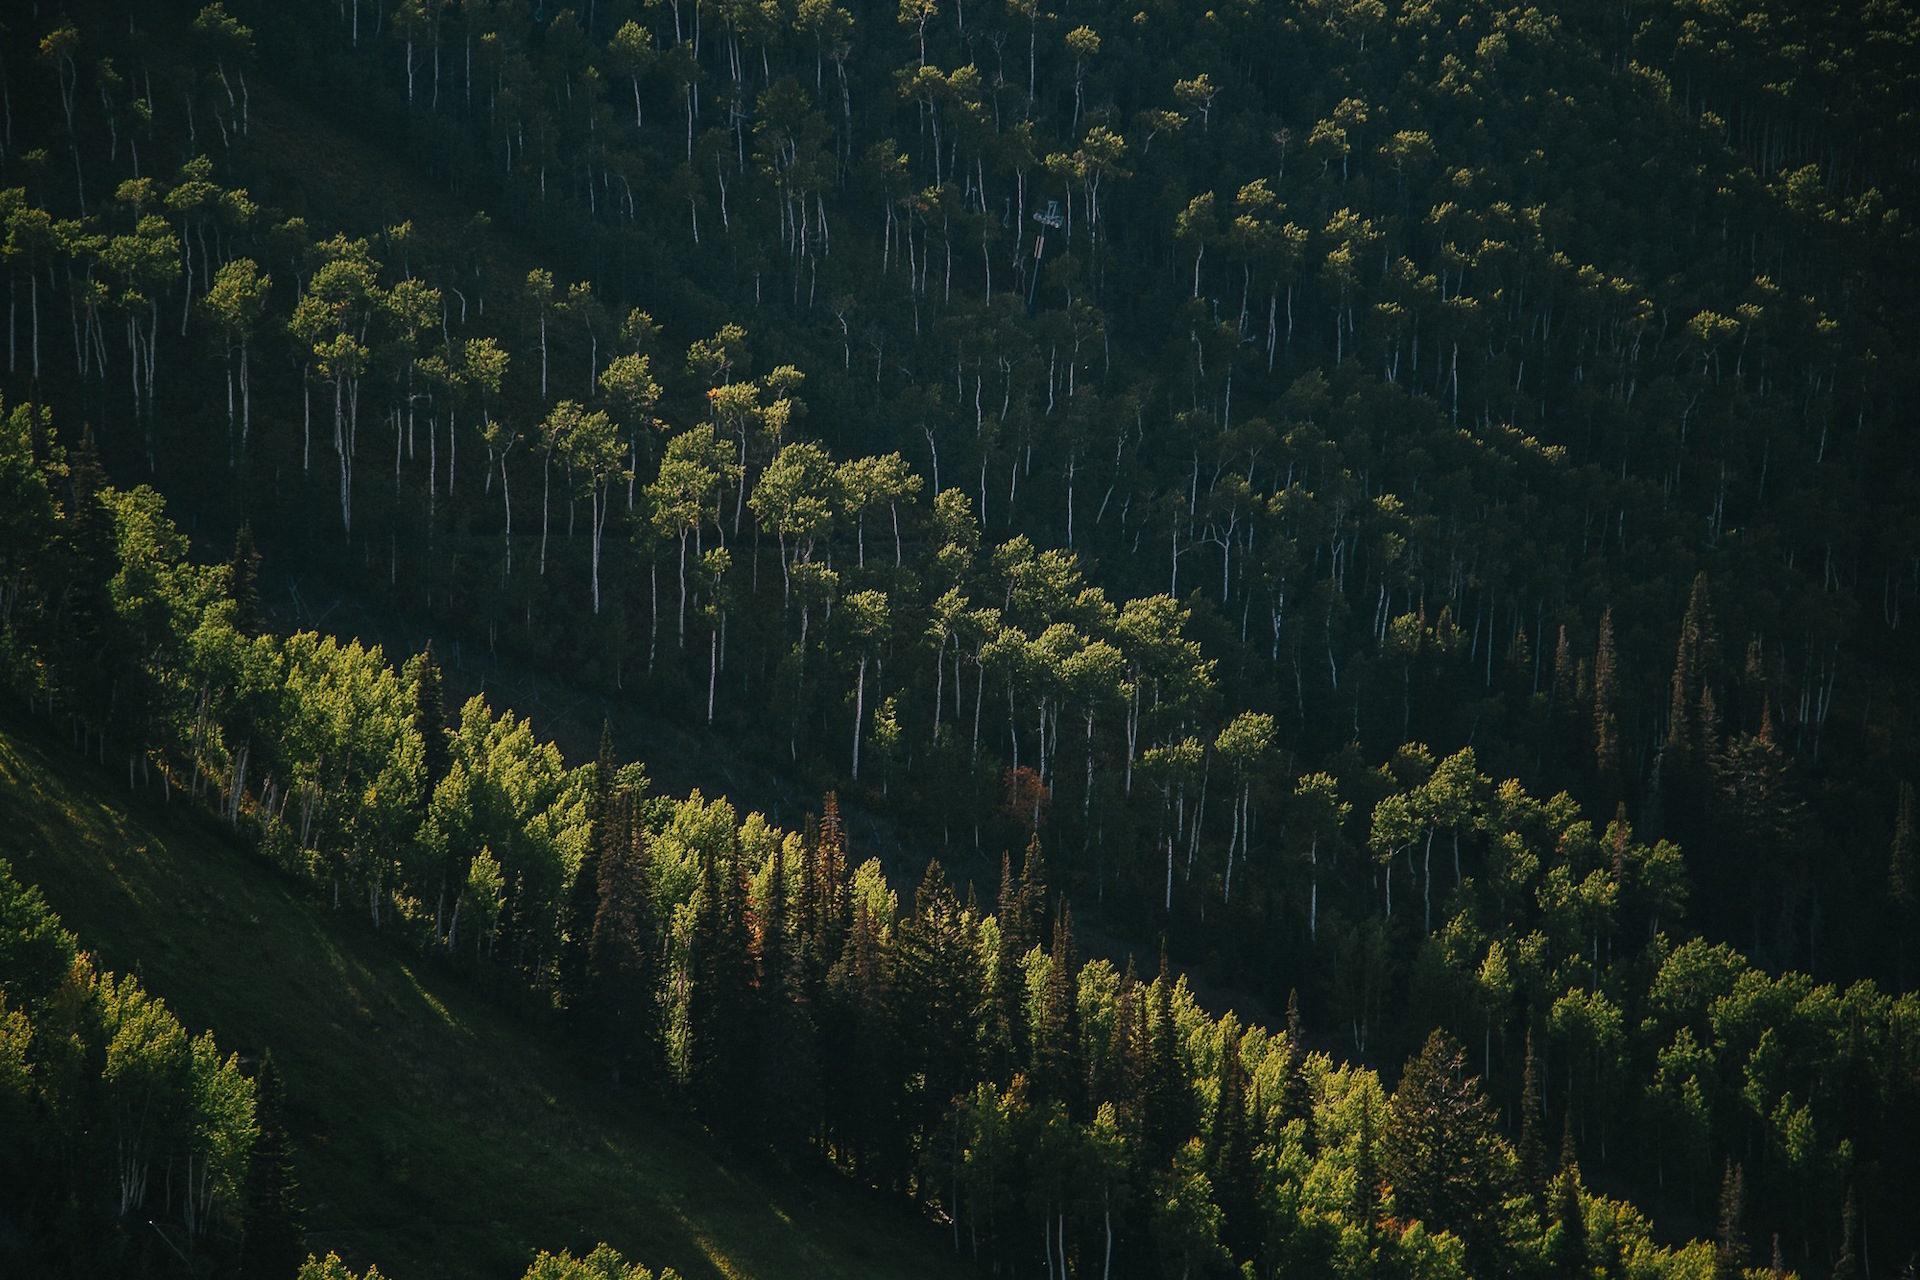 δάσος, δέντρα, ζιζανίων, οικοσύστημα, Πράσινο - Wallpapers HD - Professor-falken.com